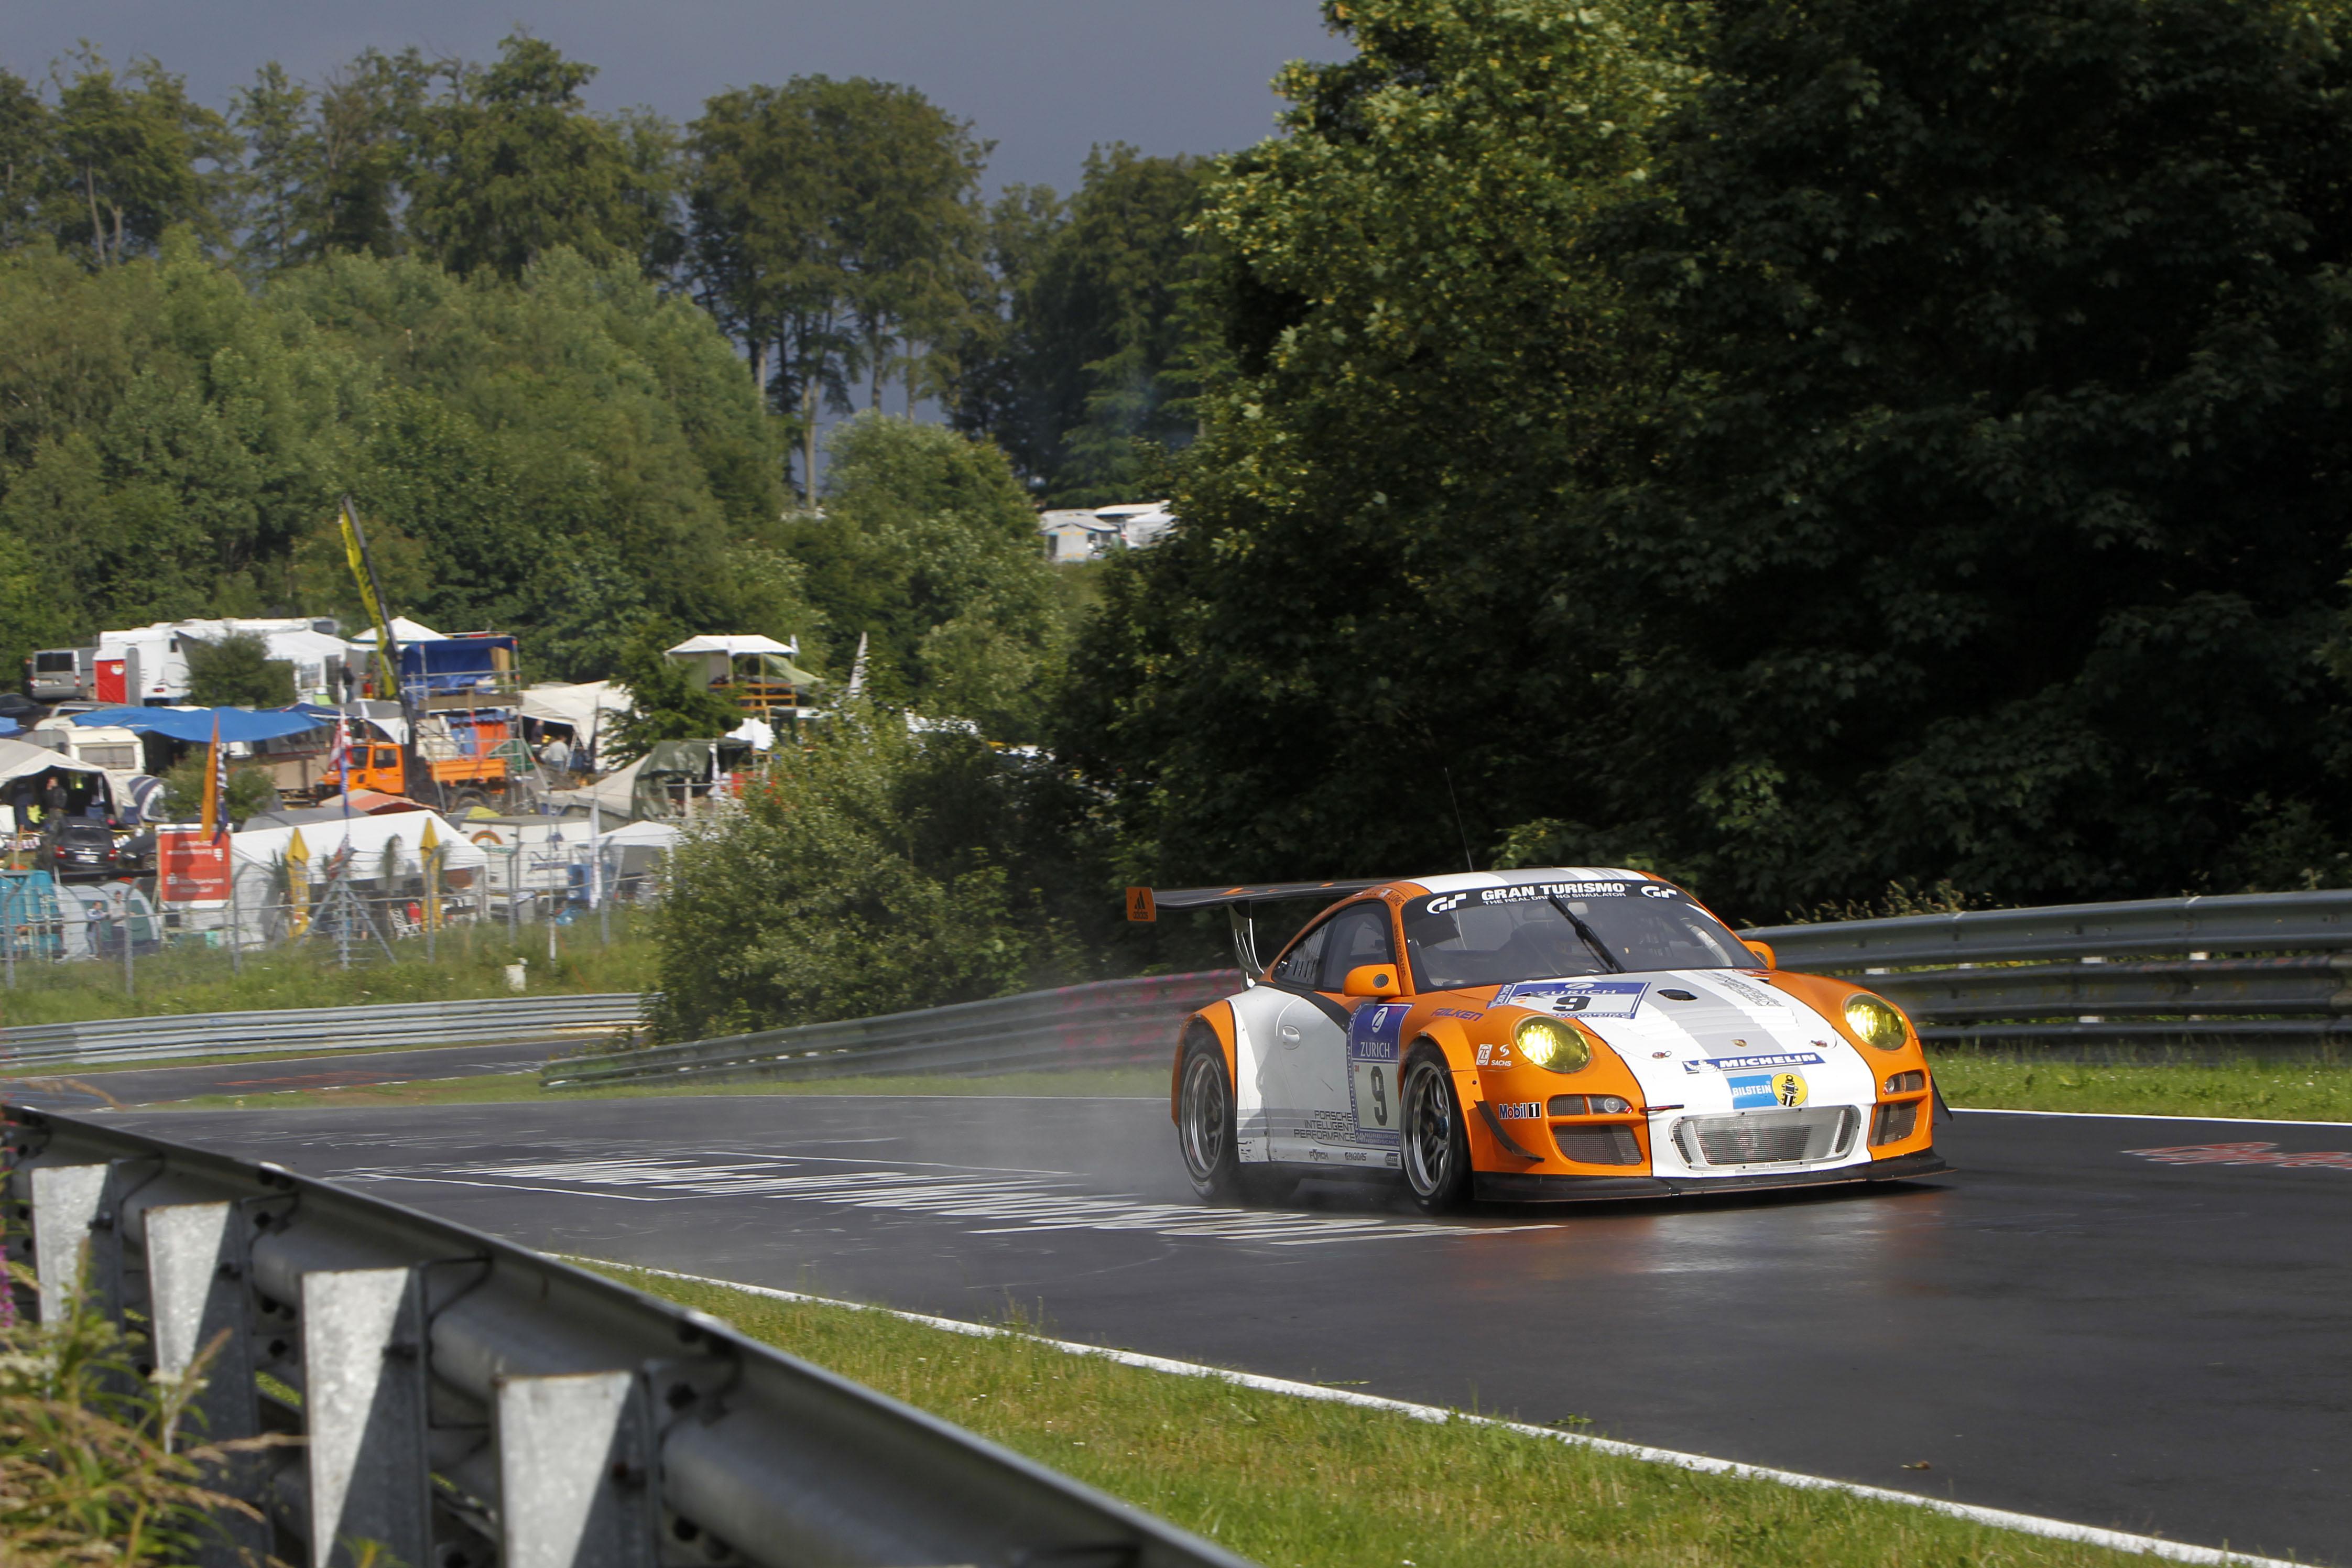 Porsche 911 GT3 R Hybrid Porsche Everyday Dedeporsches Blog